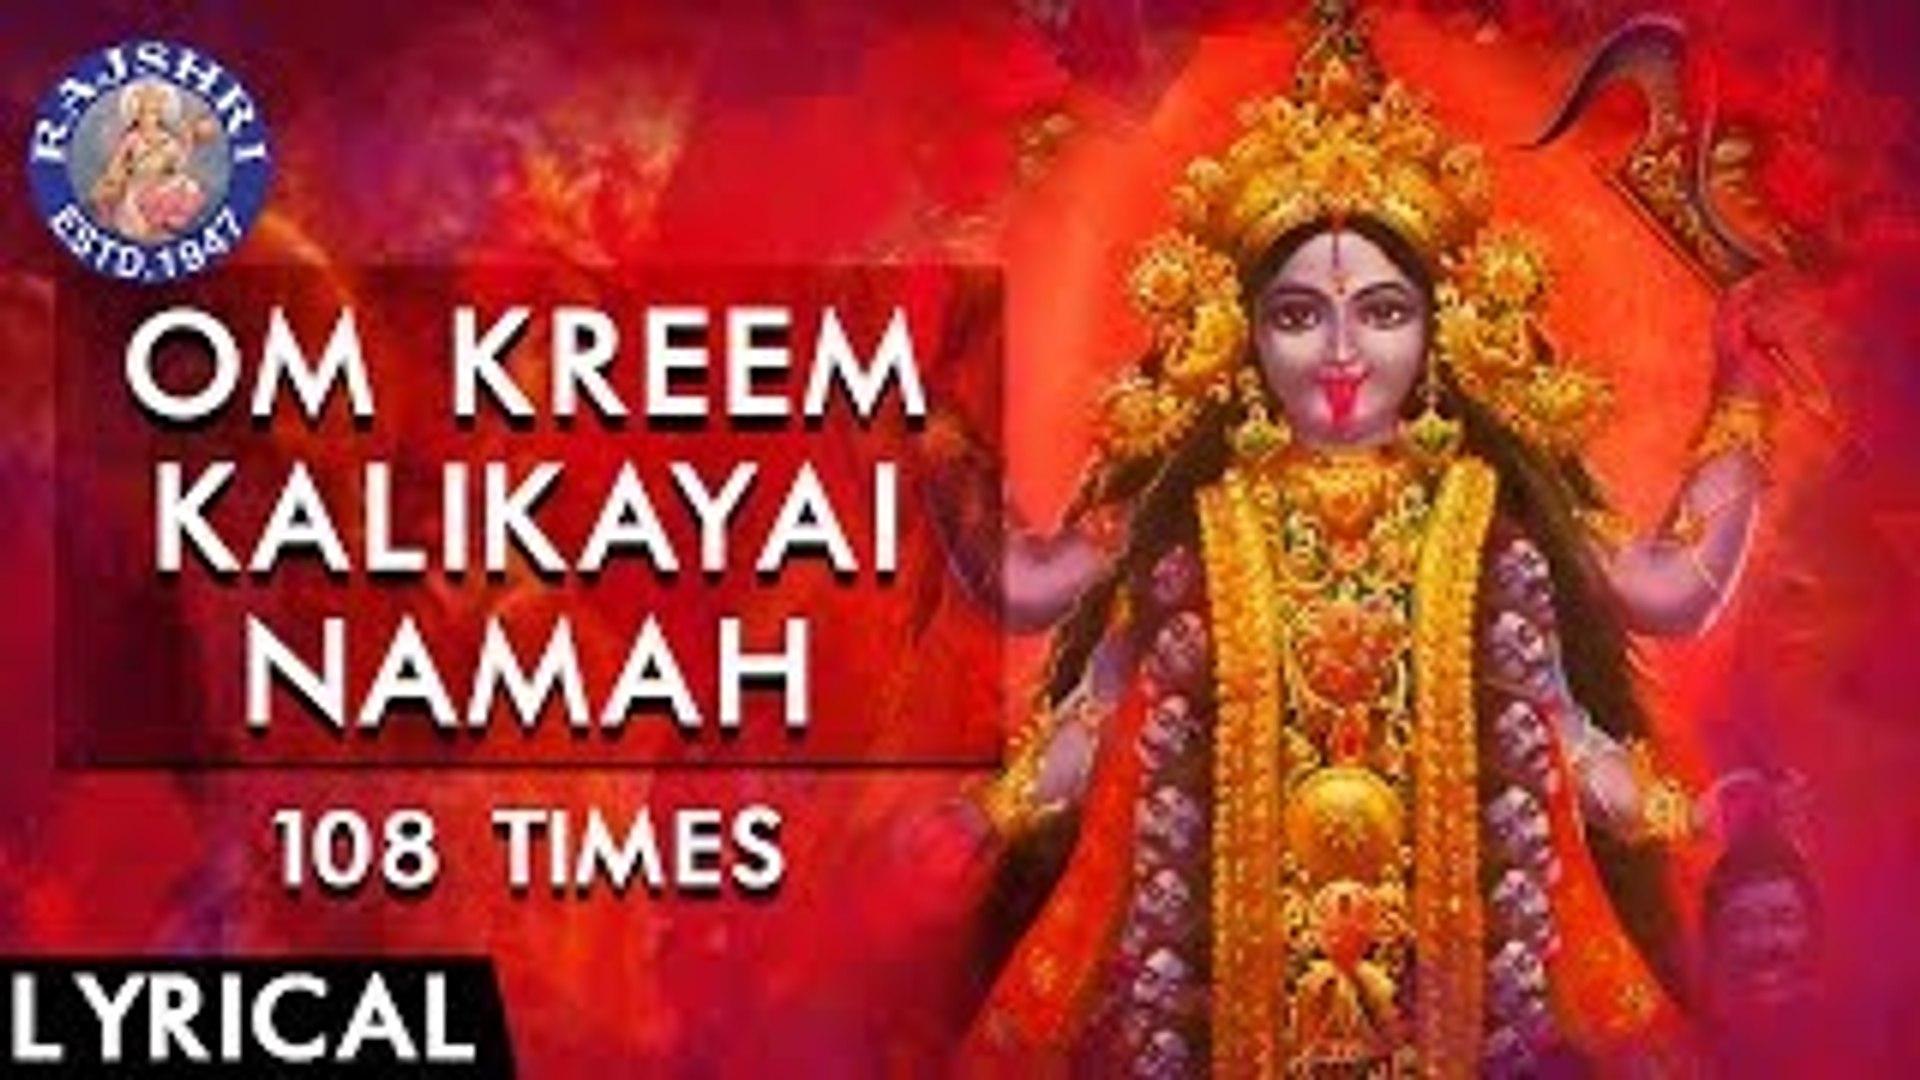 Om Kreem Kalikayai Namah 108 Times   Powerful Kali Mantra With Lyrics    Durga Mantra